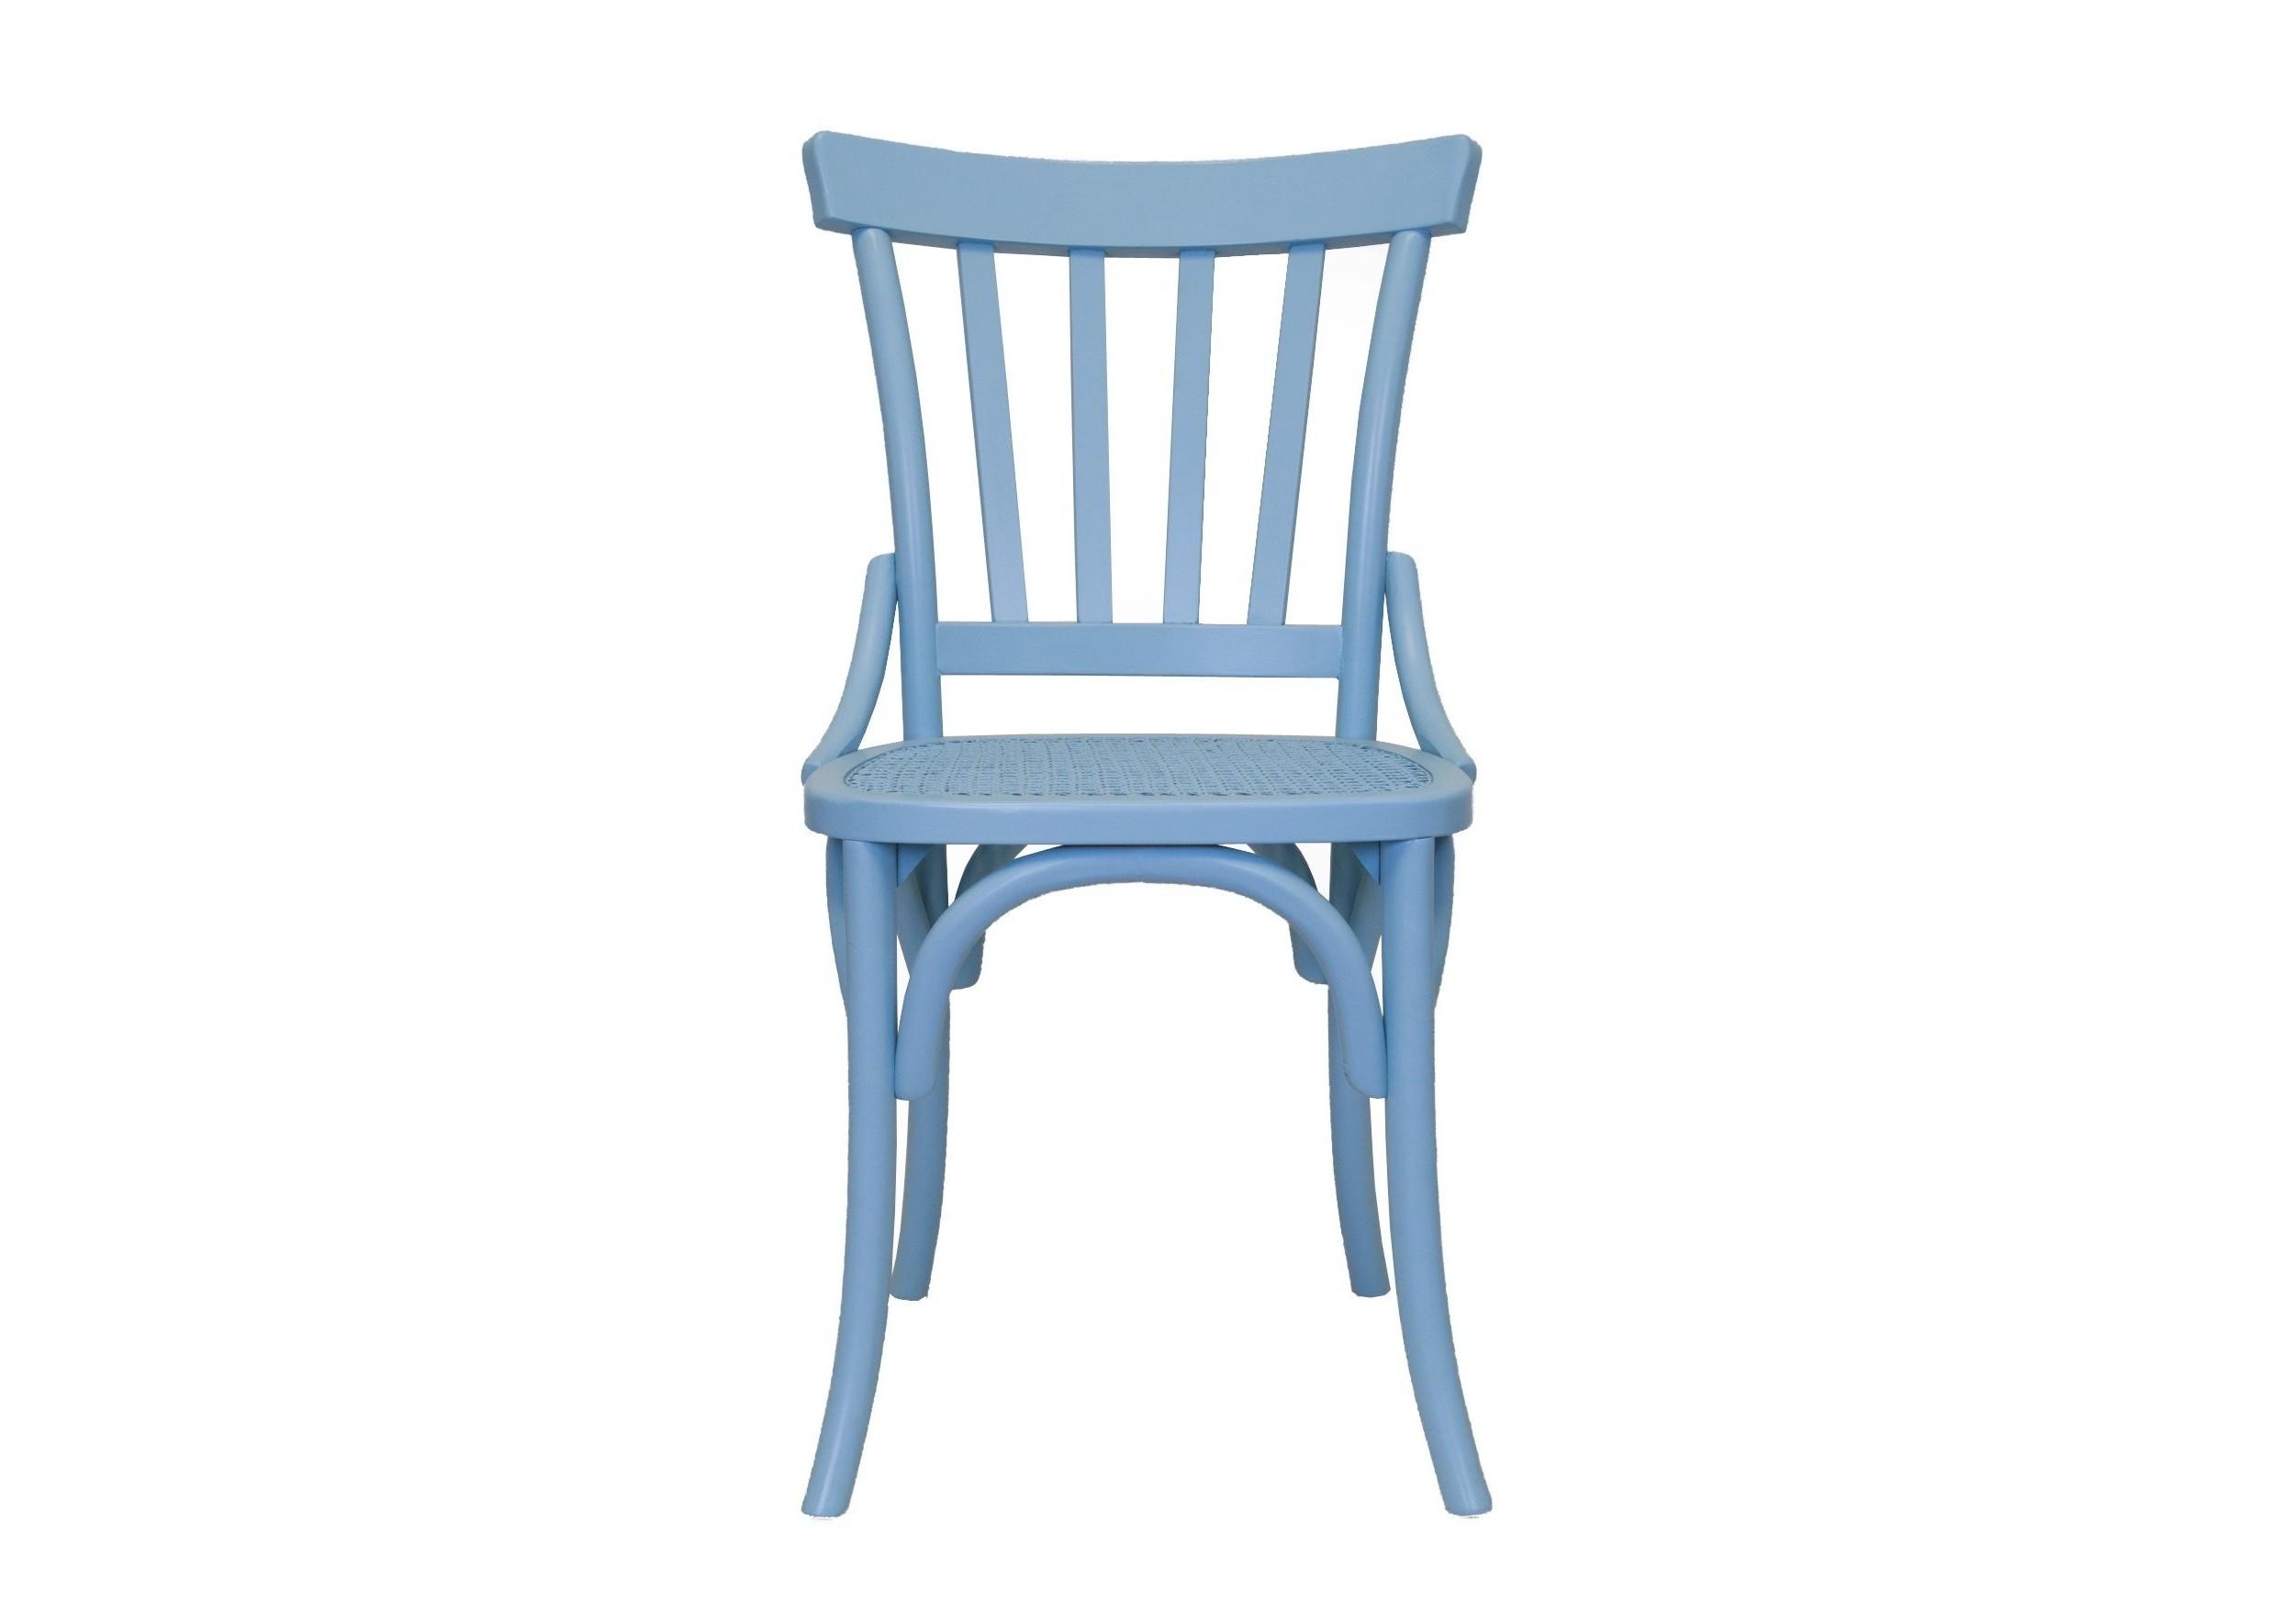 Стул JaxОбеденные стулья<br>Такой яркий деревянный стул будет актуален для современного интерьера или стиля лофт. Он отлично подойдёт для дома, лоджии, сада, а также для кафе и баров.&amp;amp;nbsp;<br><br>Material: Береза<br>Ширина см: 51<br>Высота см: 88<br>Глубина см: 53